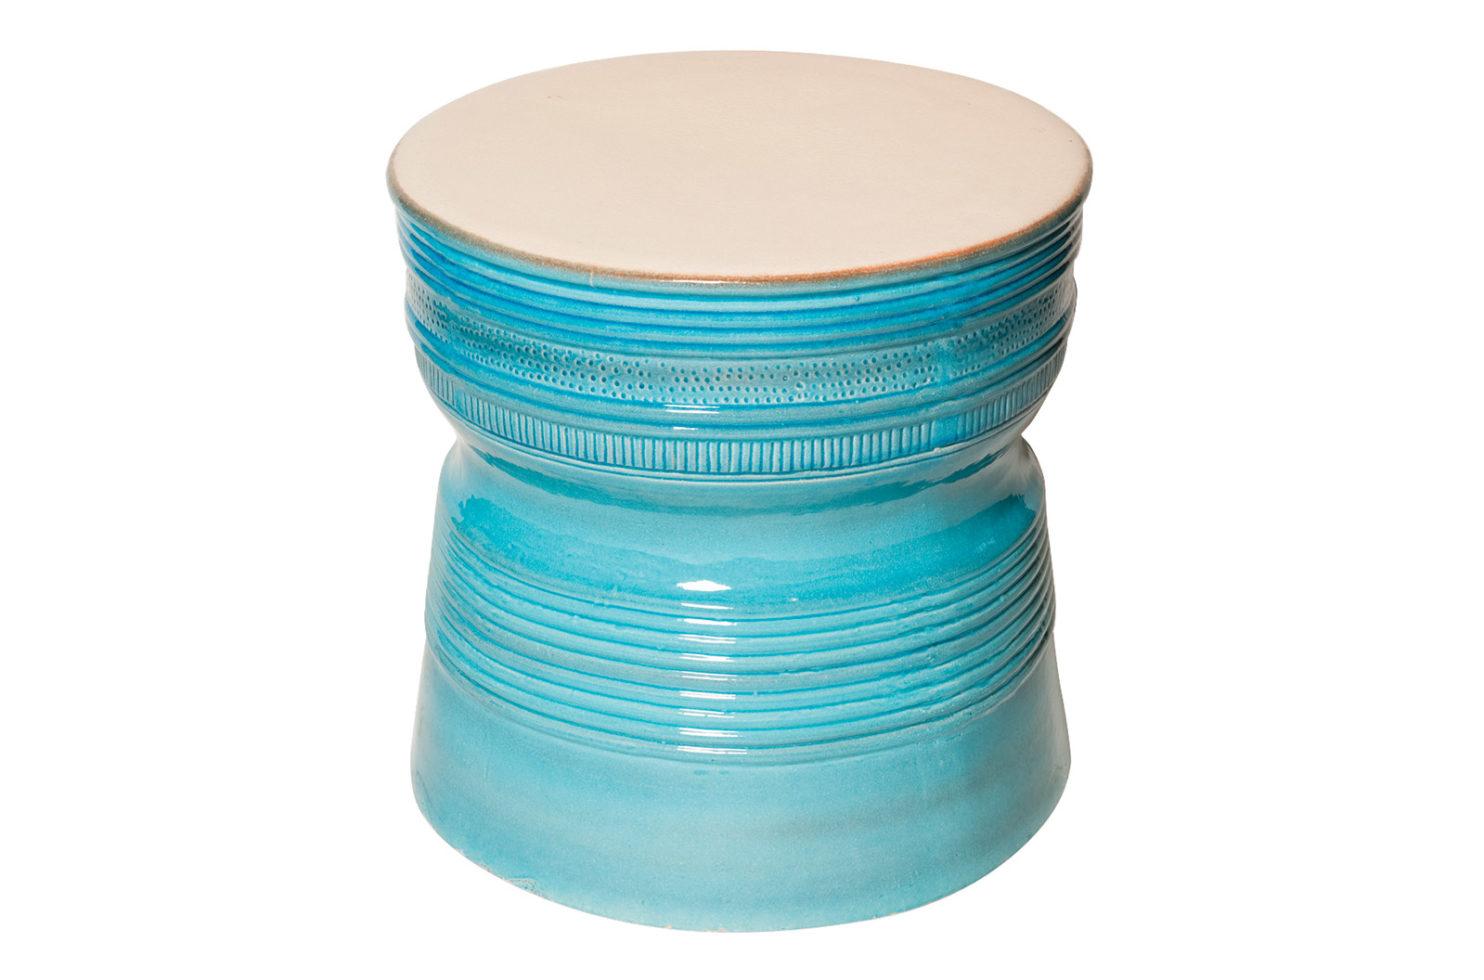 Ceramic ancaris table 308FT225P2SWTB